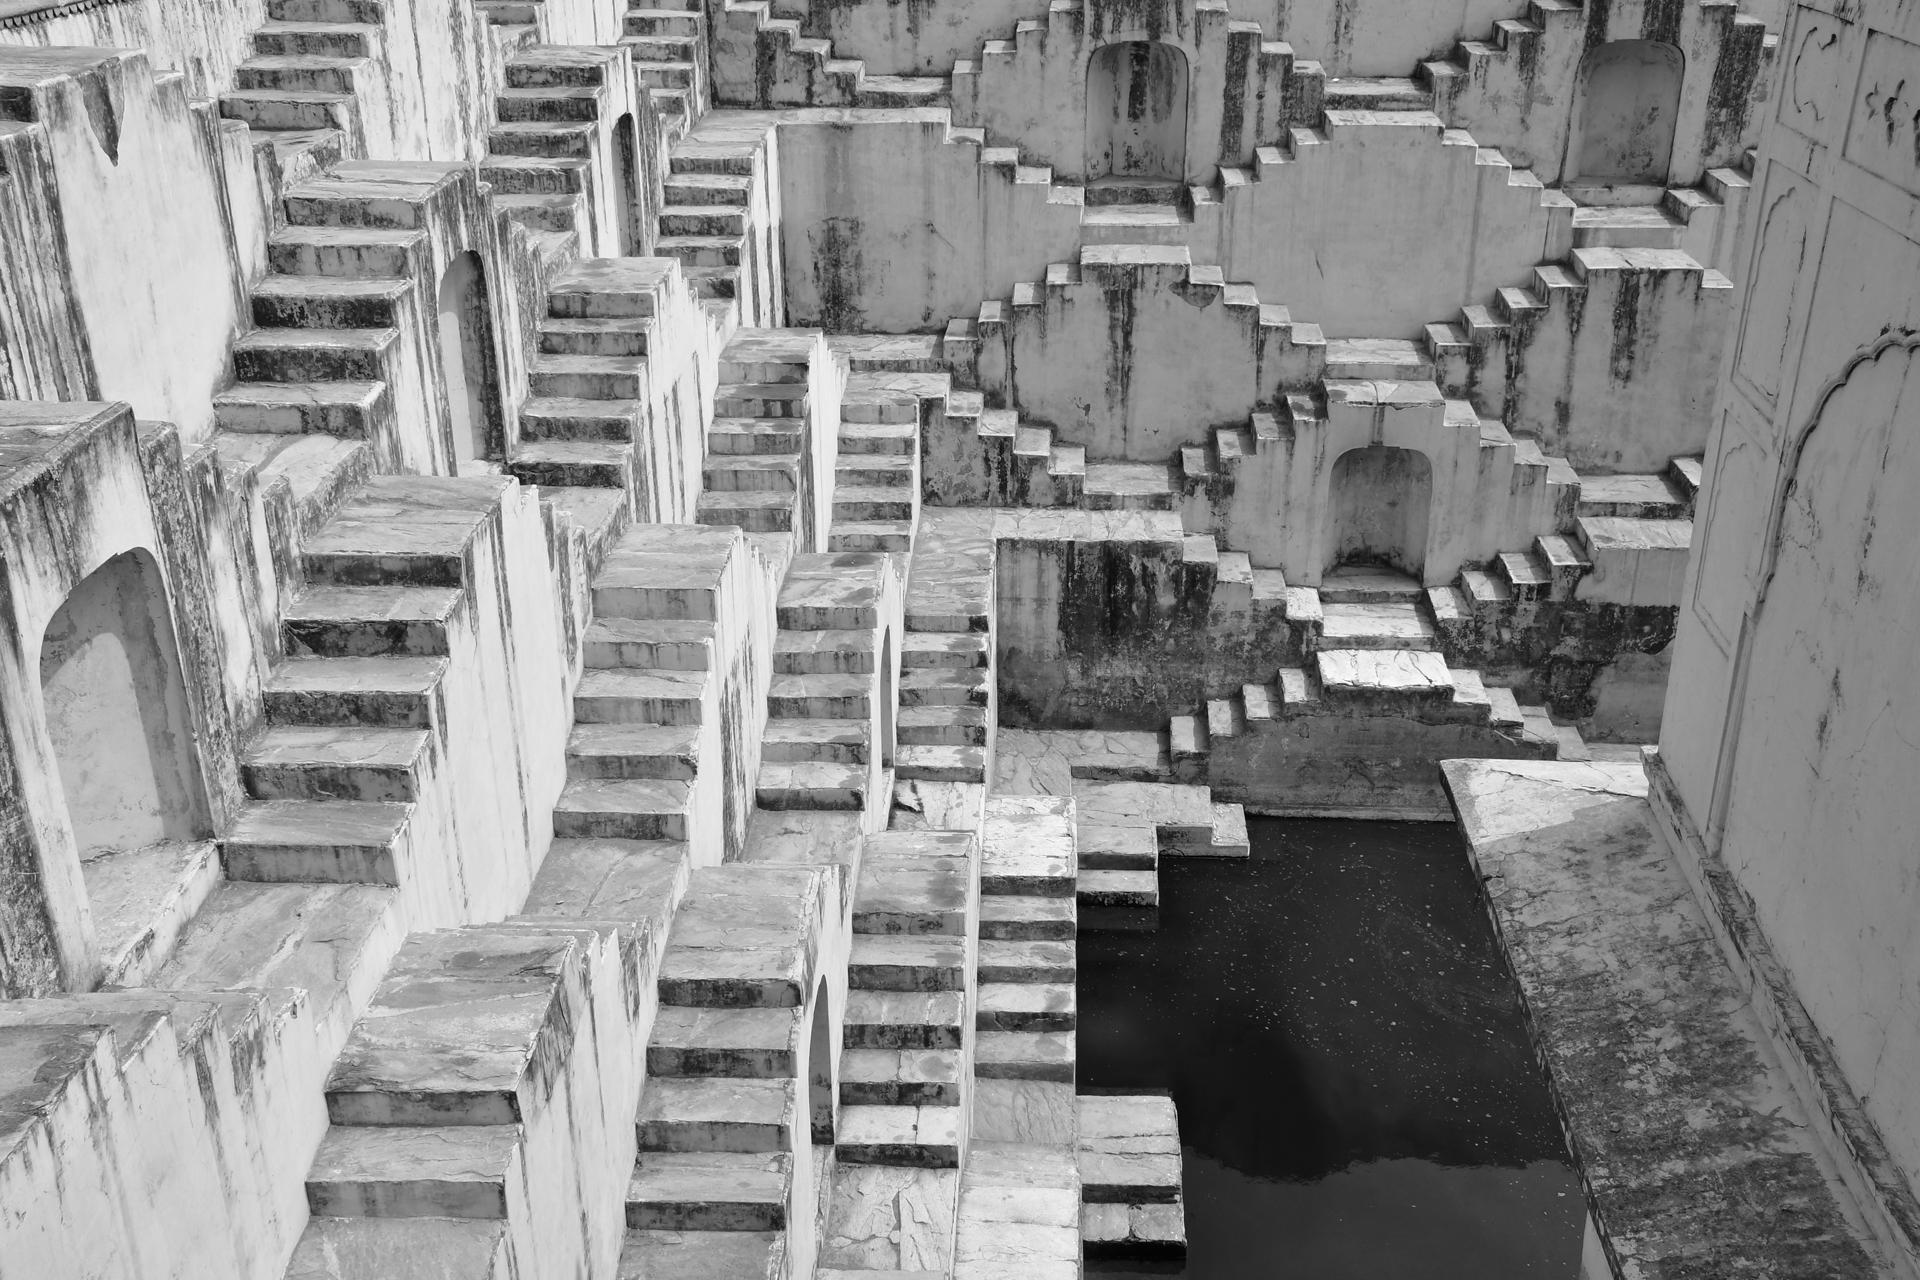 הודו – ג'איפור - באר המדרגות - יואל שתרוג - אדמה יוצרת - yoel sitruk - Rani Ki Vav